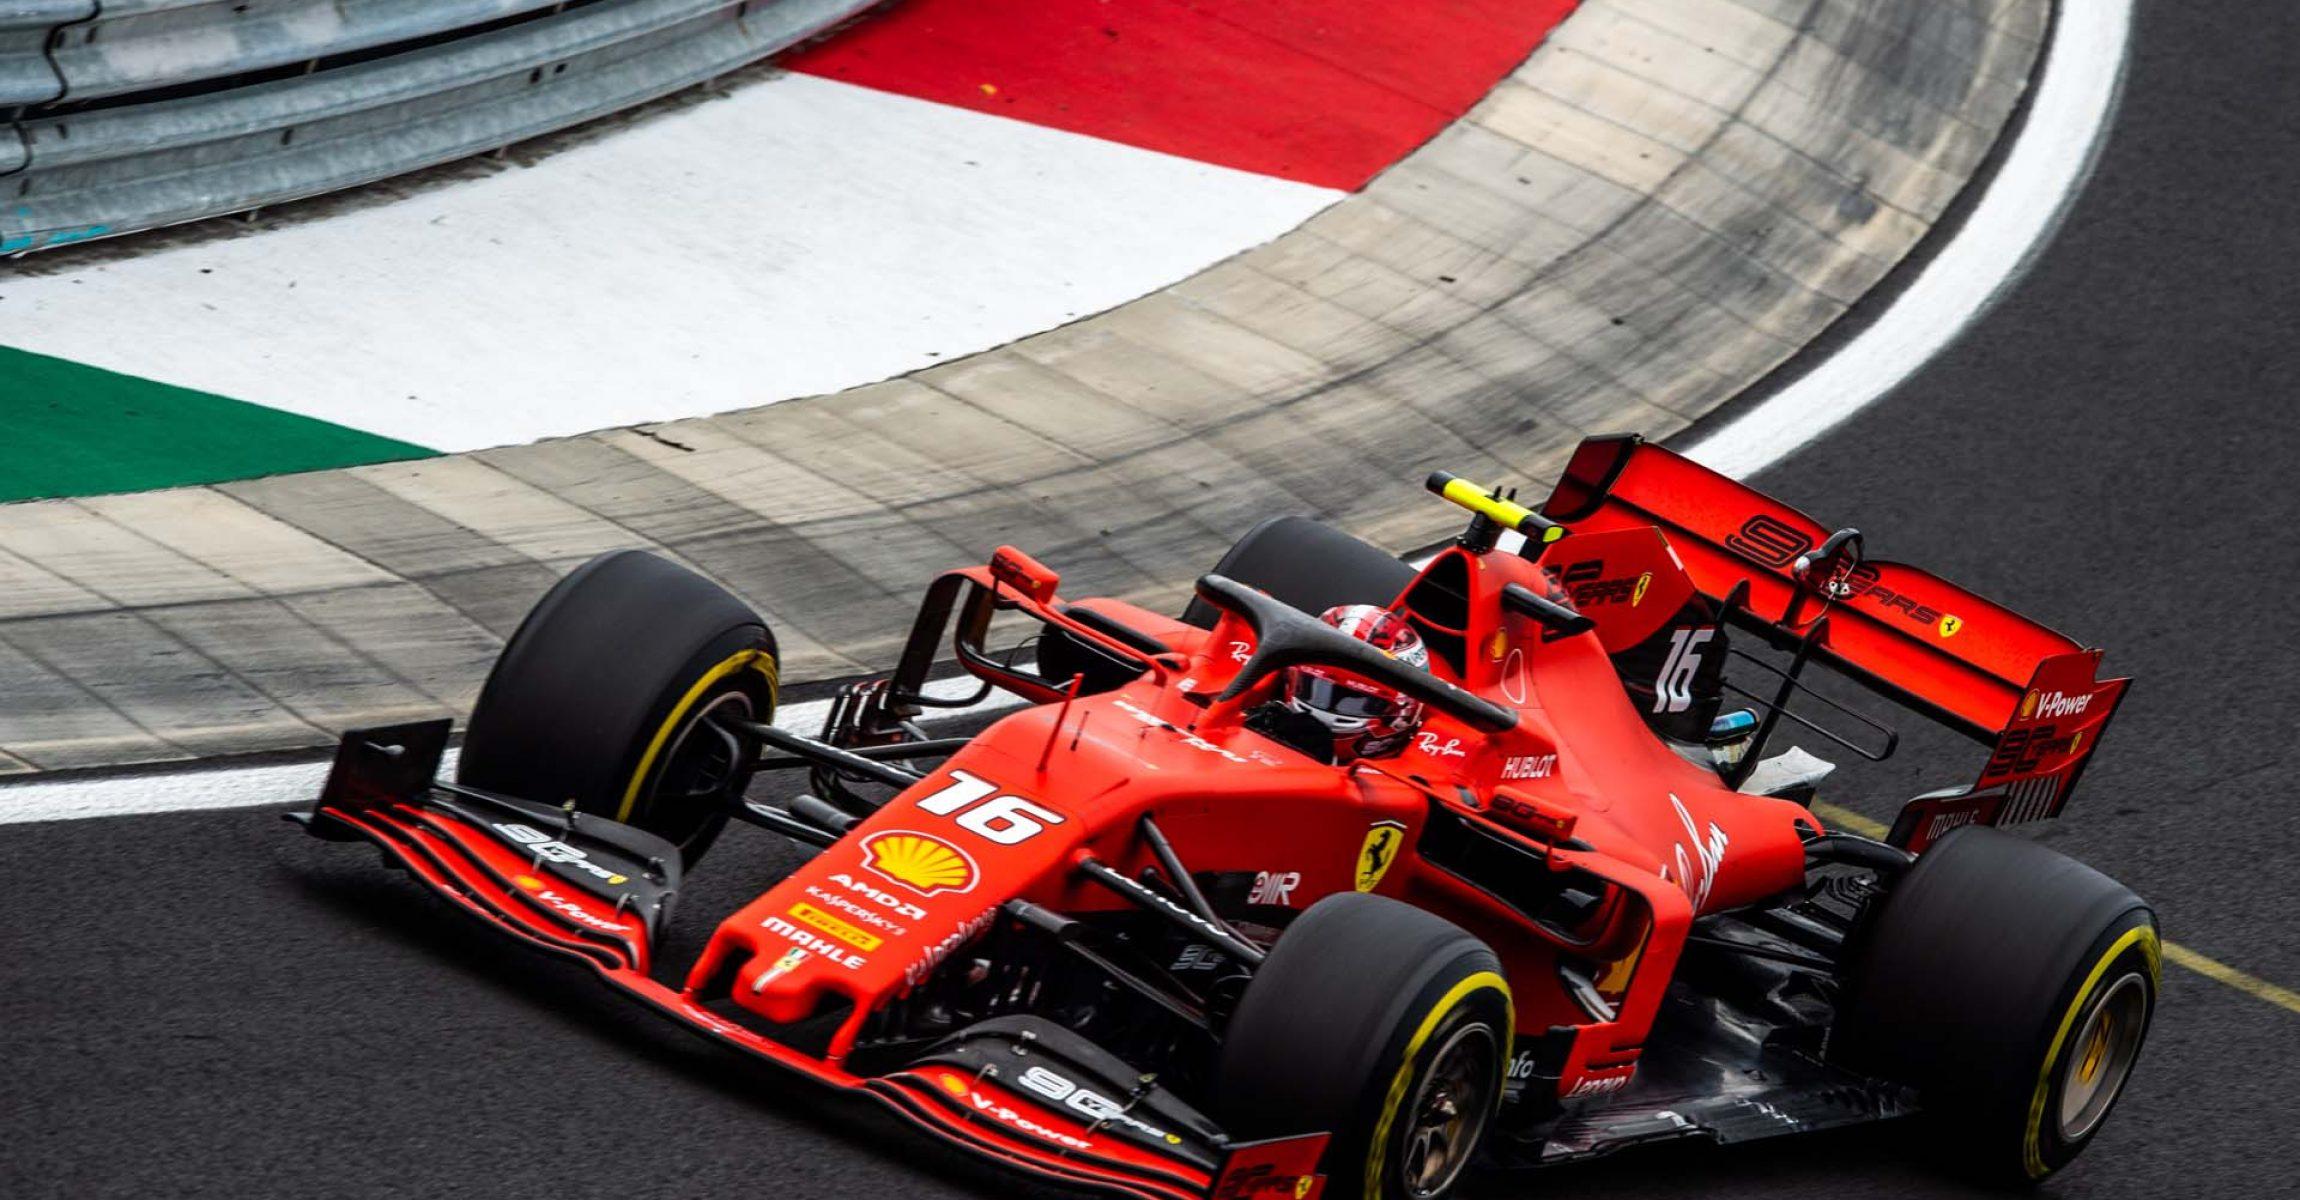 GP UNGHERIA  F1/2019 - VENERDÌ 02/08/2019   credit: @Scuderia Ferrari Press Office Charles Leclerc Ferrari